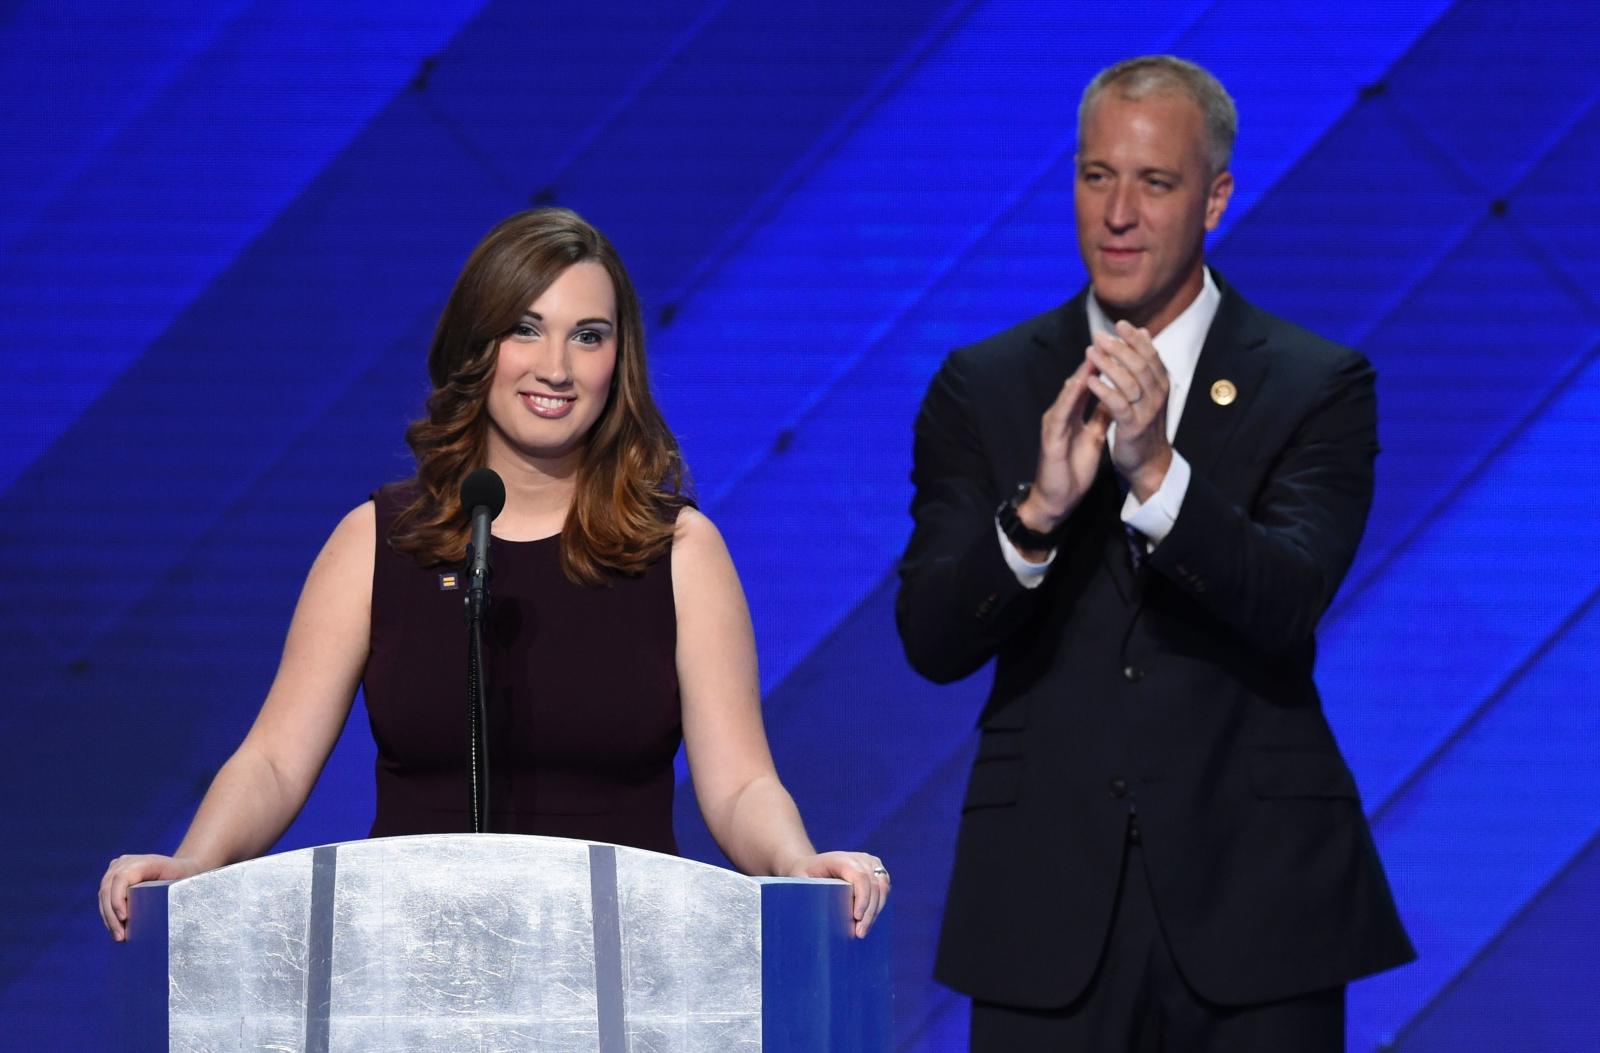 Sarah McBride at the DNC